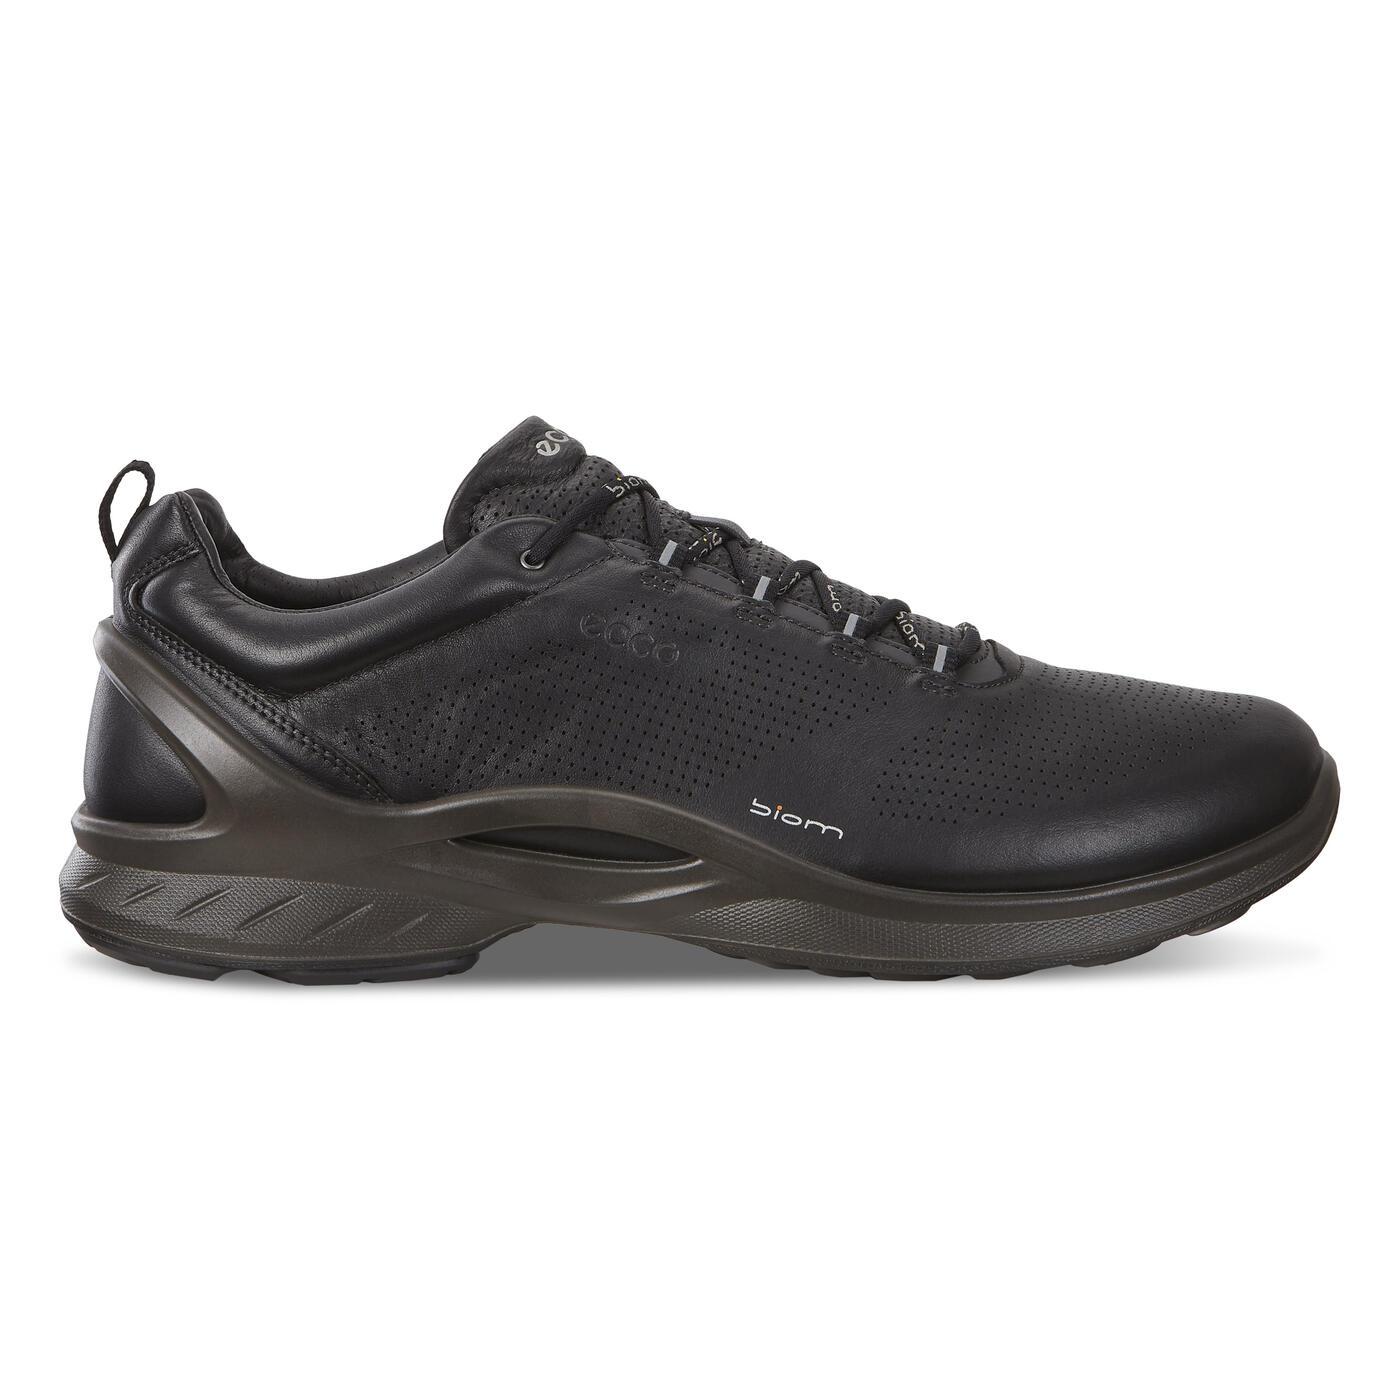 ECCO Biom Fjuel Men's Outdoor Sneaker